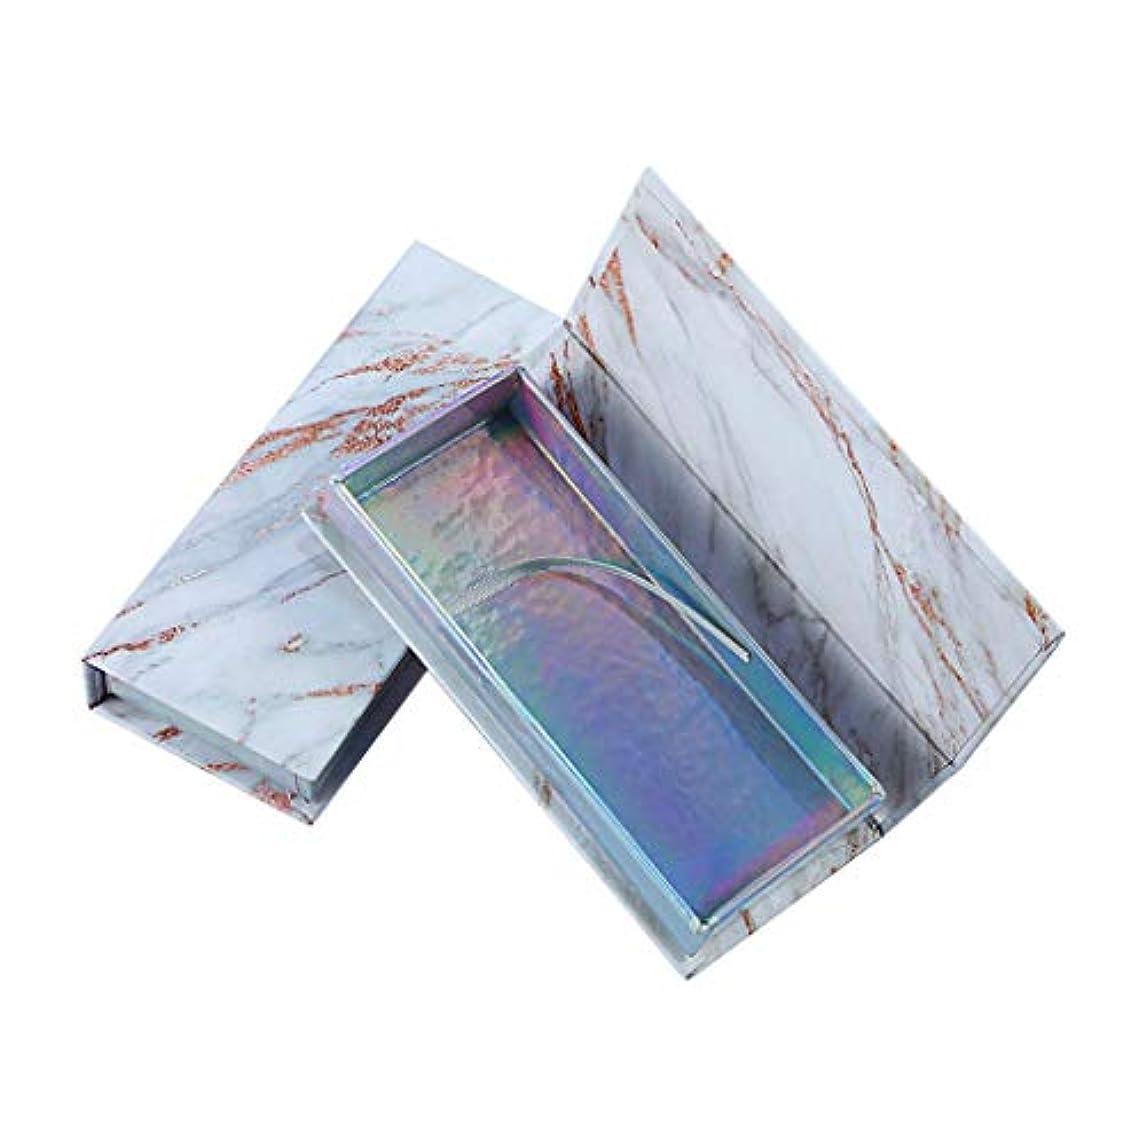 すり減るゆりかご見るビューティー 収納ボックス ファッション シンプル つけまつげ アイラッシュ ボックス メイクアップ ビューティー 収納ボックス 大理石 まつげボックス (ブラック)